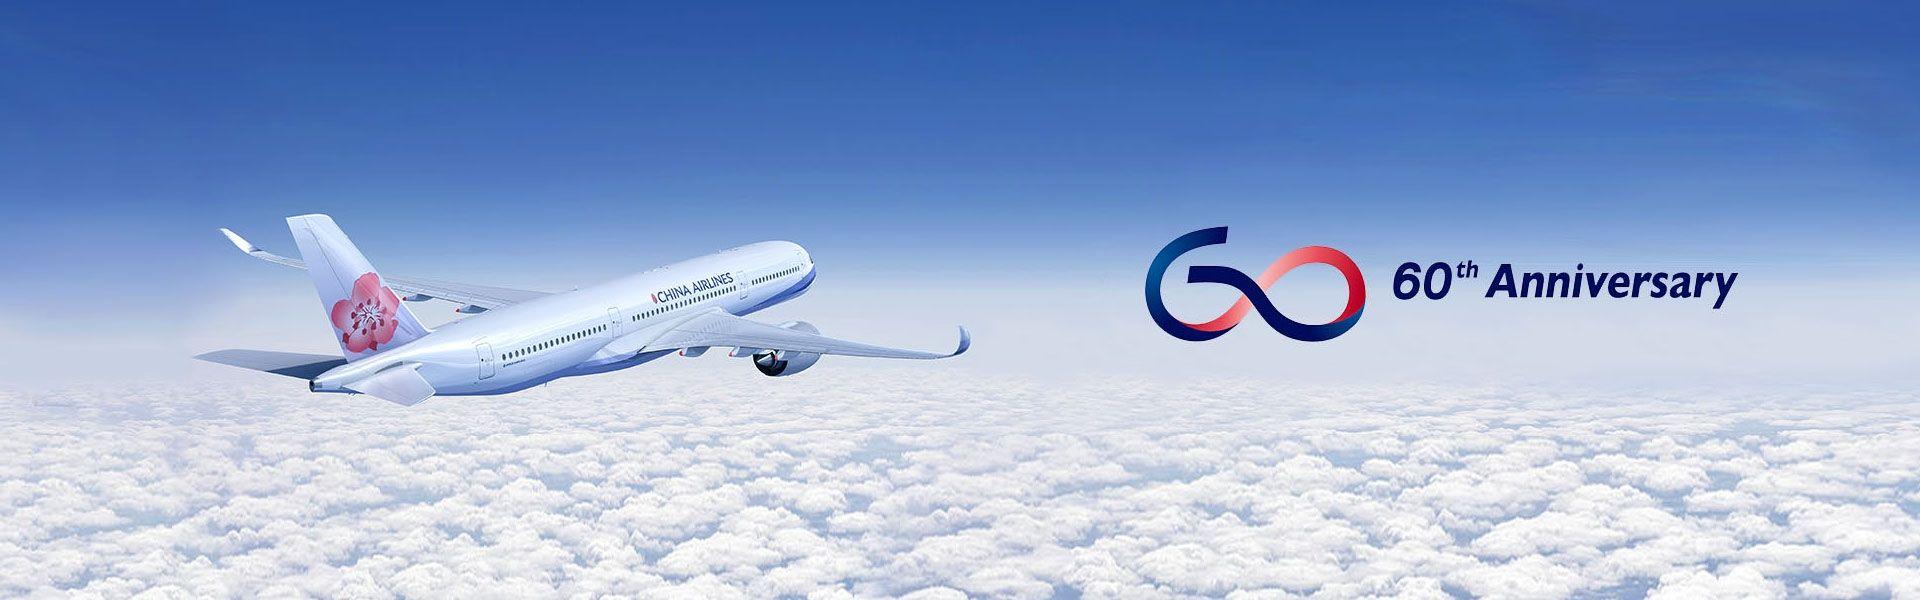 华航推出60周年纪念LOGO、飞机彩绘涂装